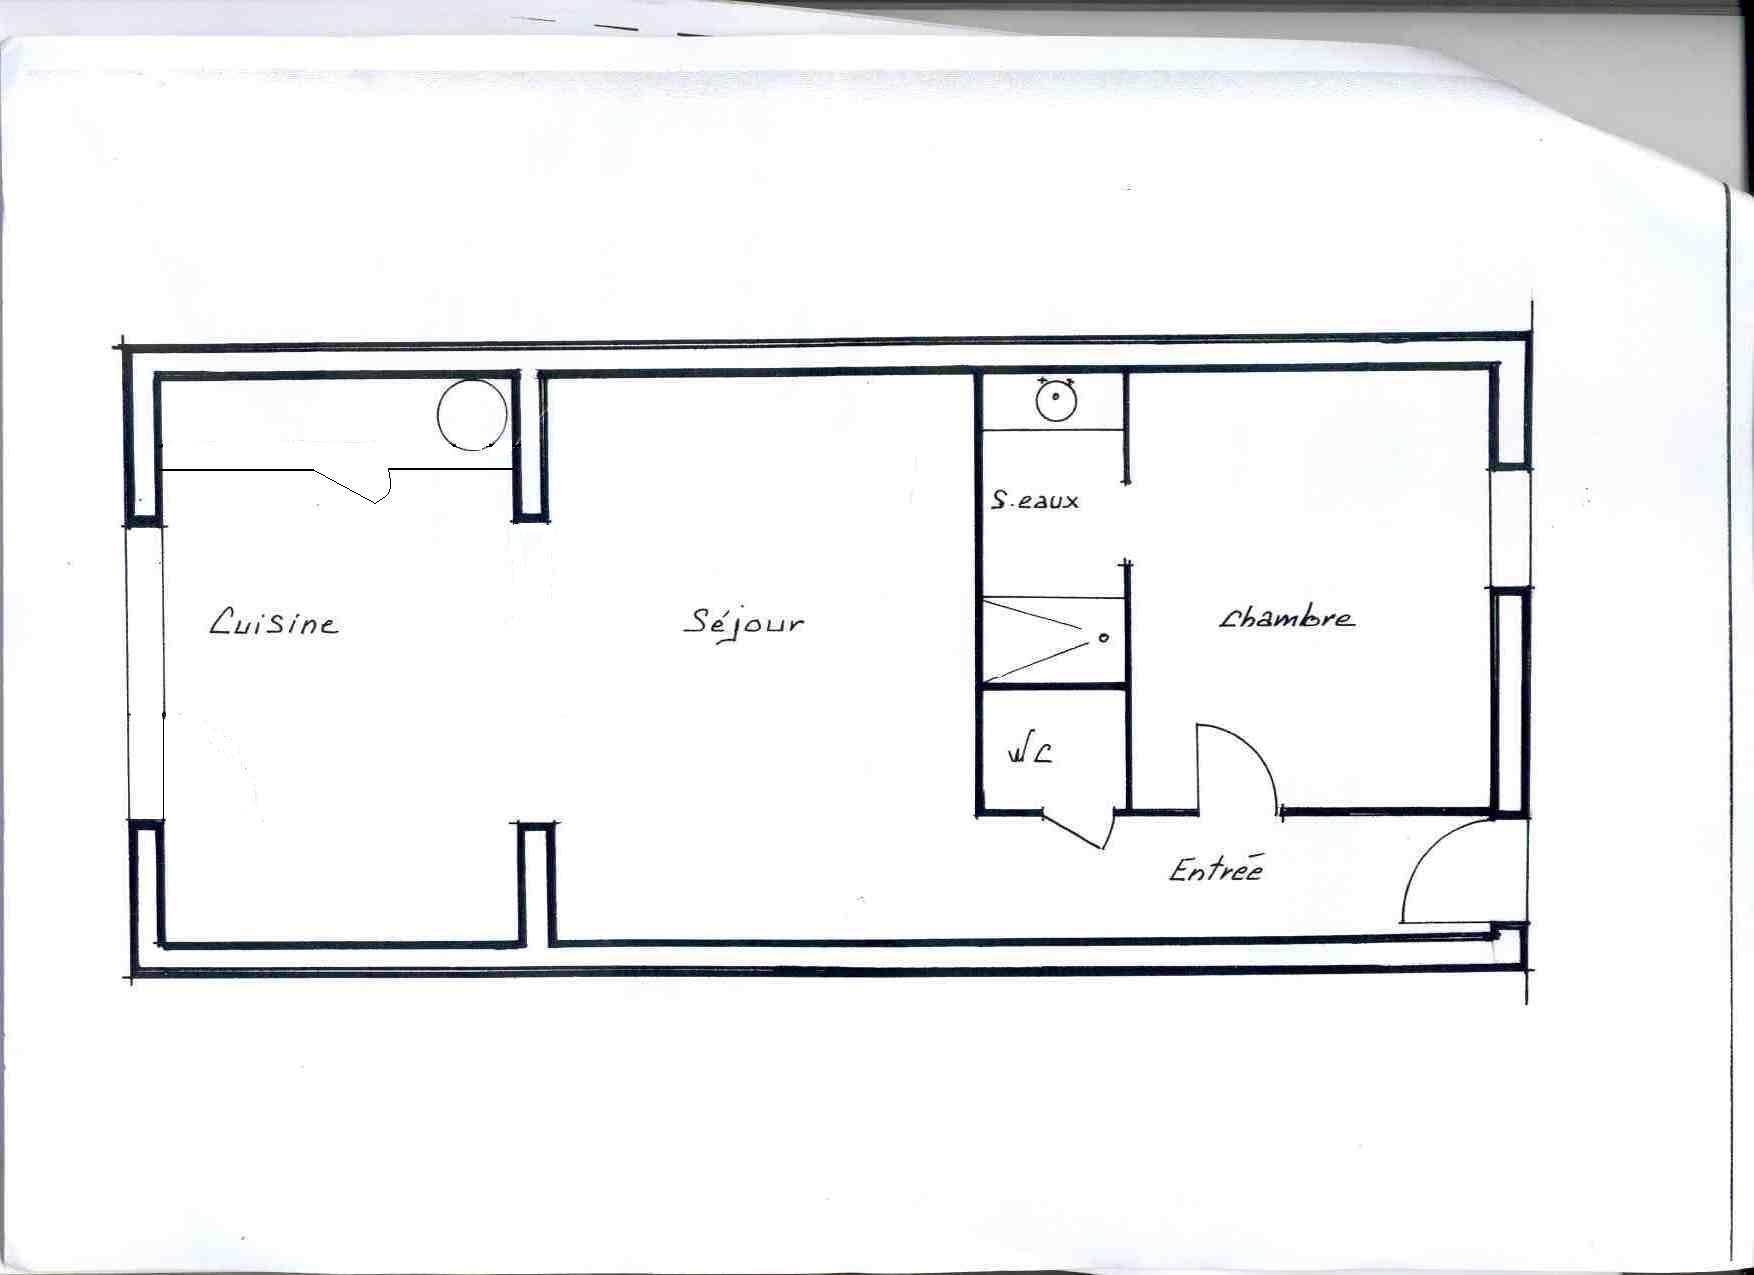 Ma maison mes travaux avant les travaux for Agrandissement maison 40m2 au sol